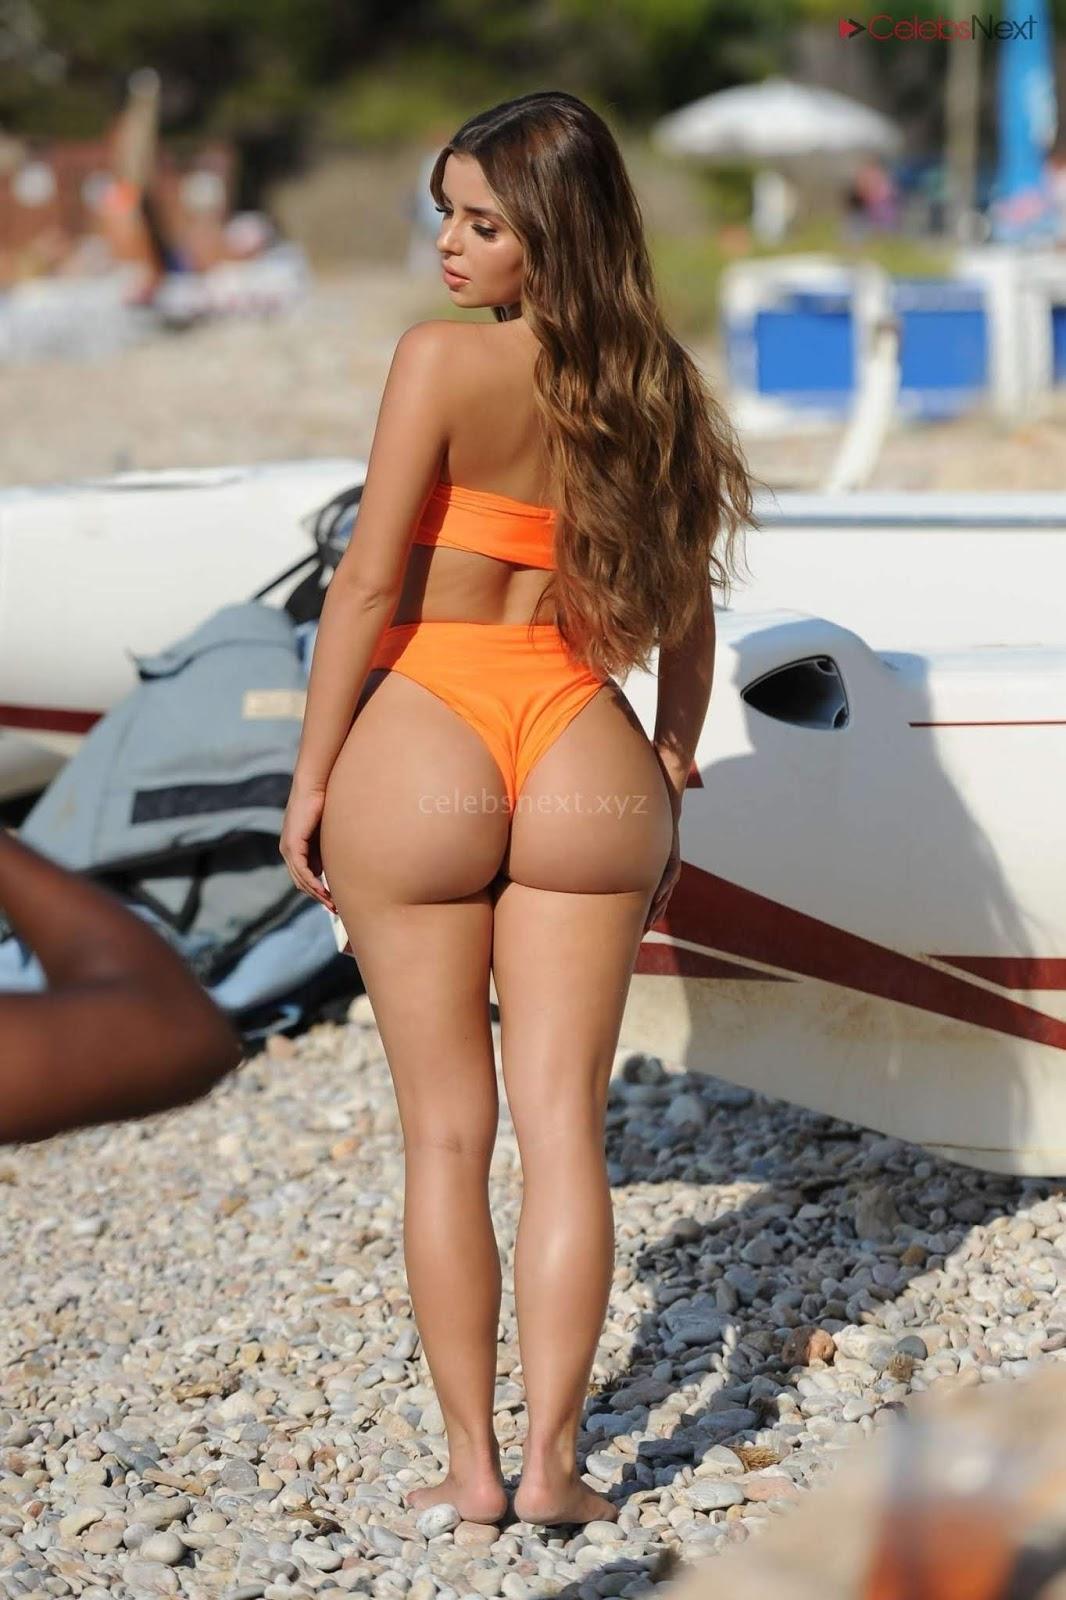 Tight petite young latina butt in thong panties